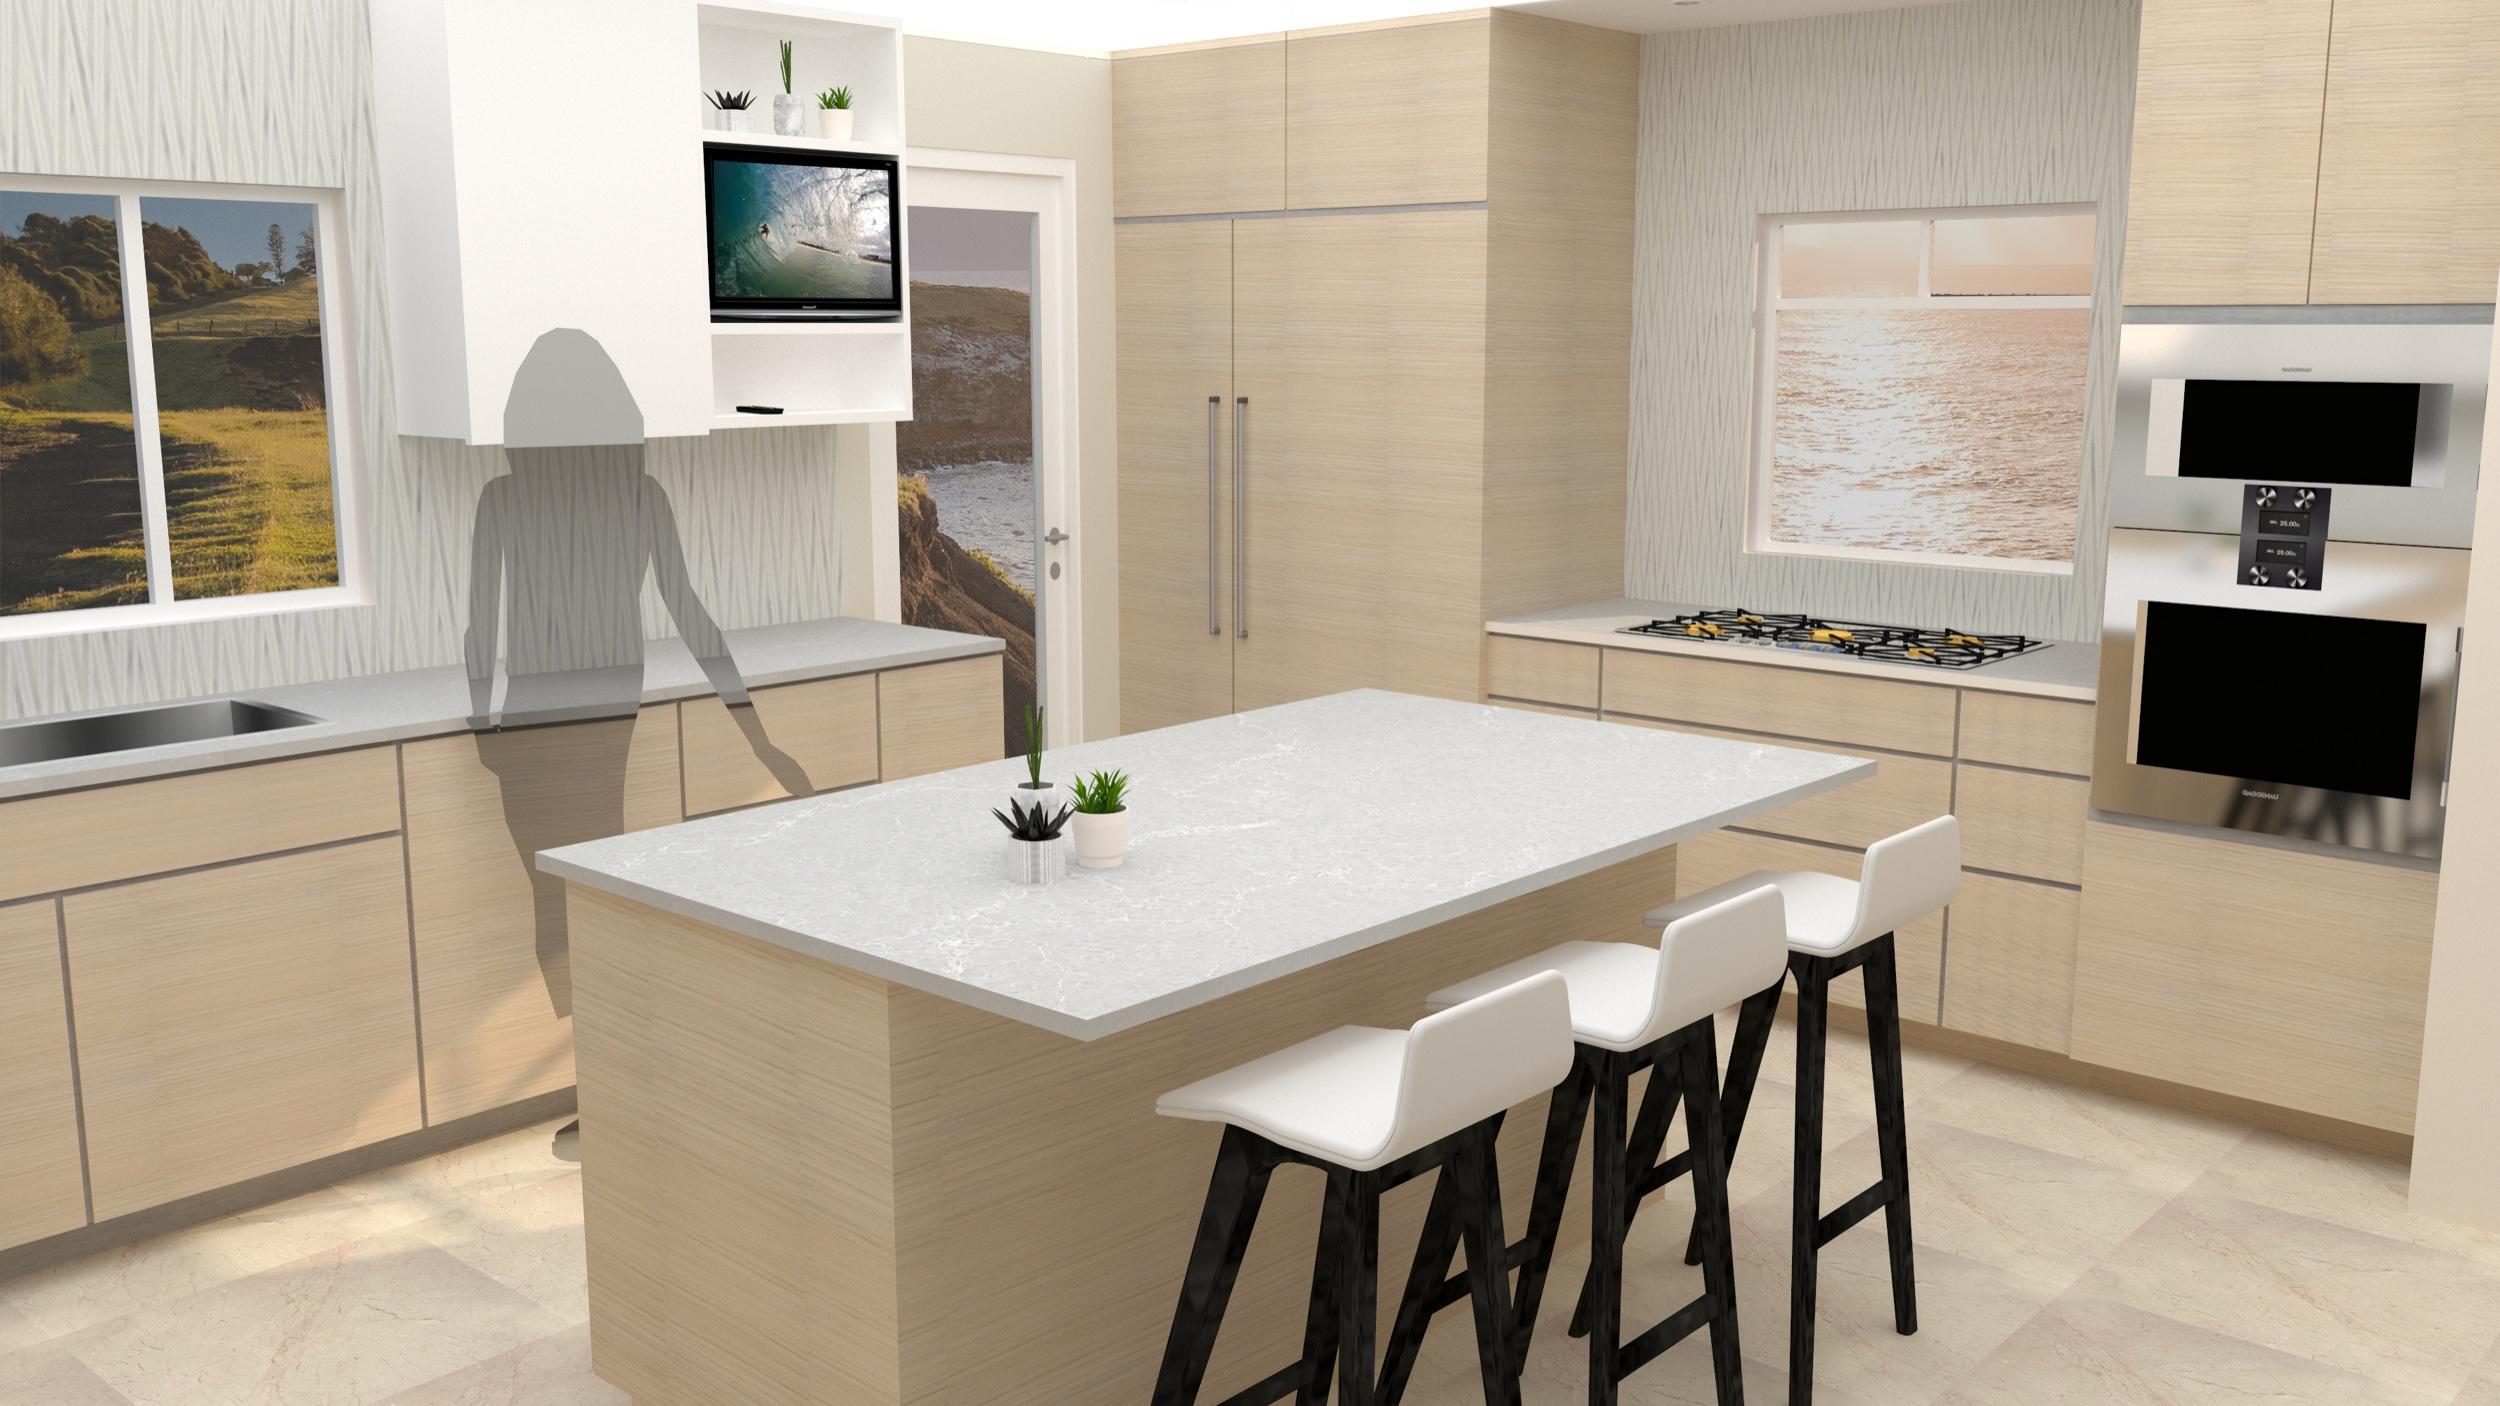 aust_kitchen_view 4.jpeg